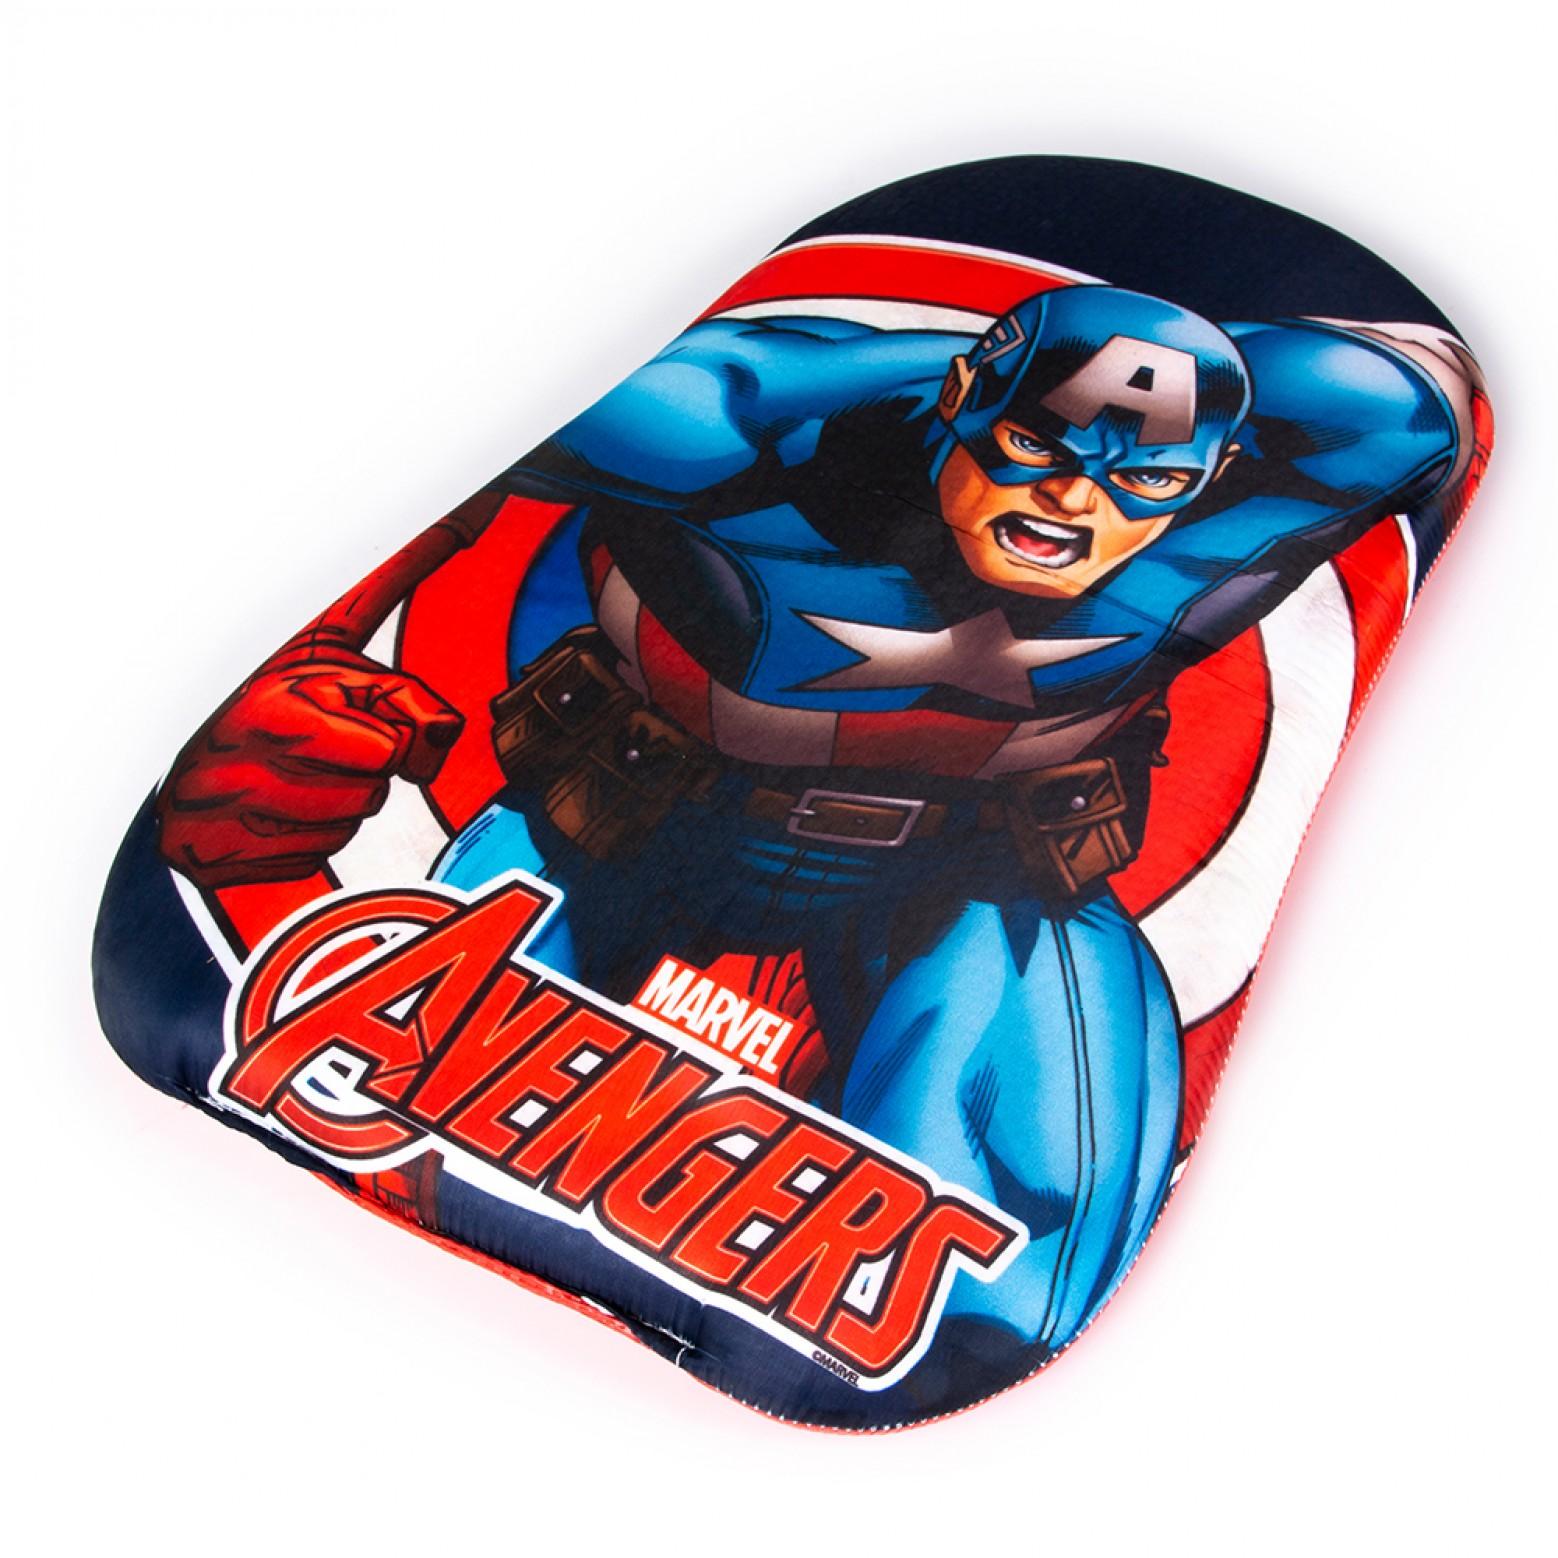 Captain America Kickboard